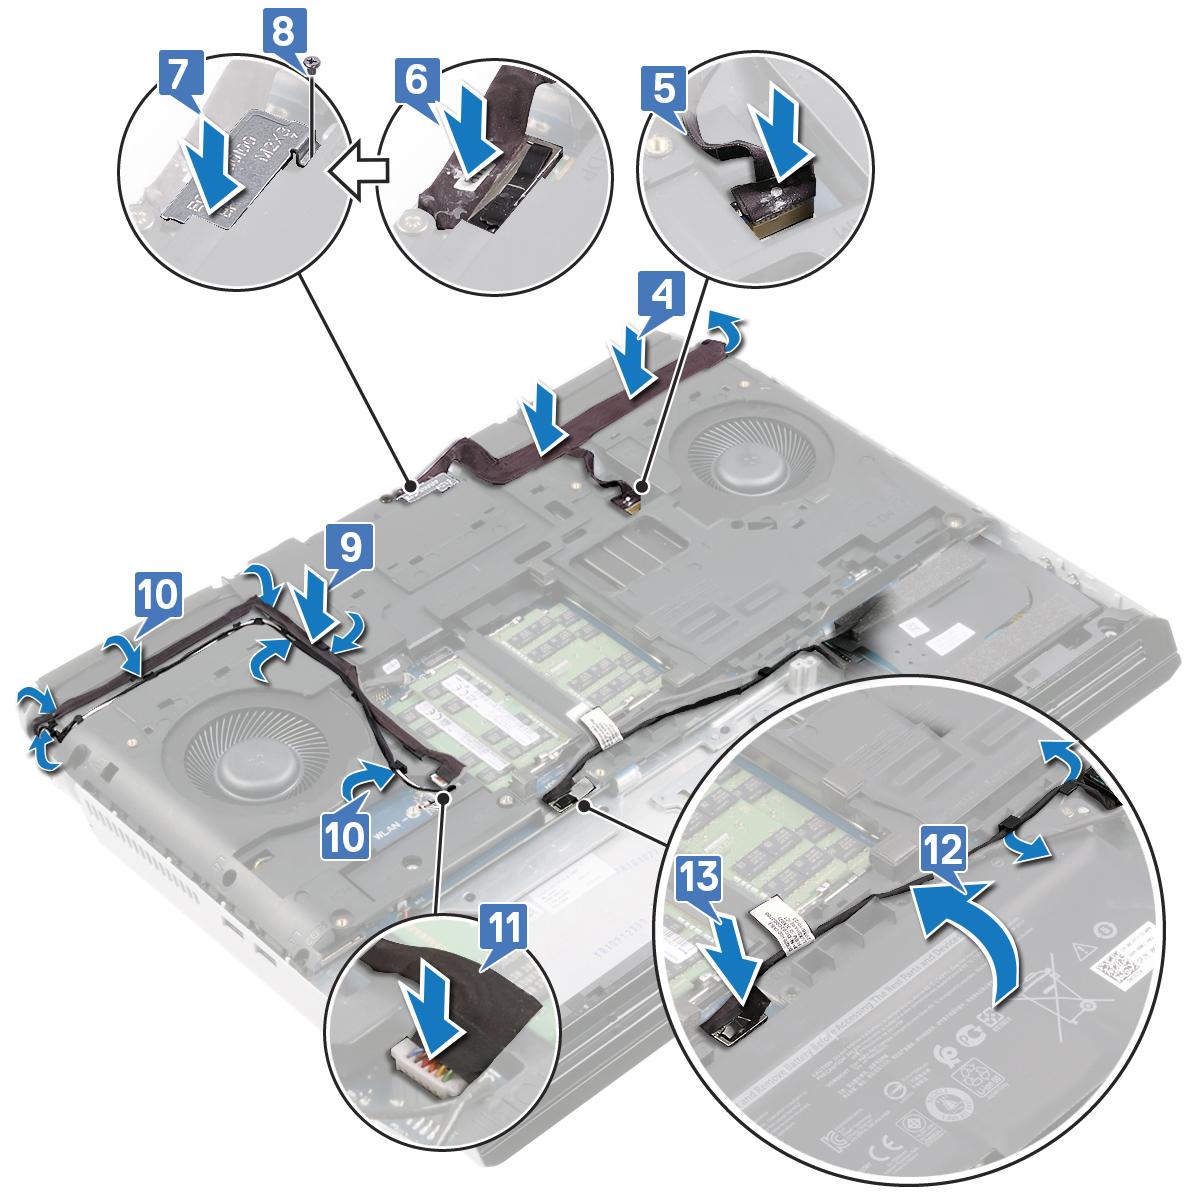 圖:將纜線連接至主機板。